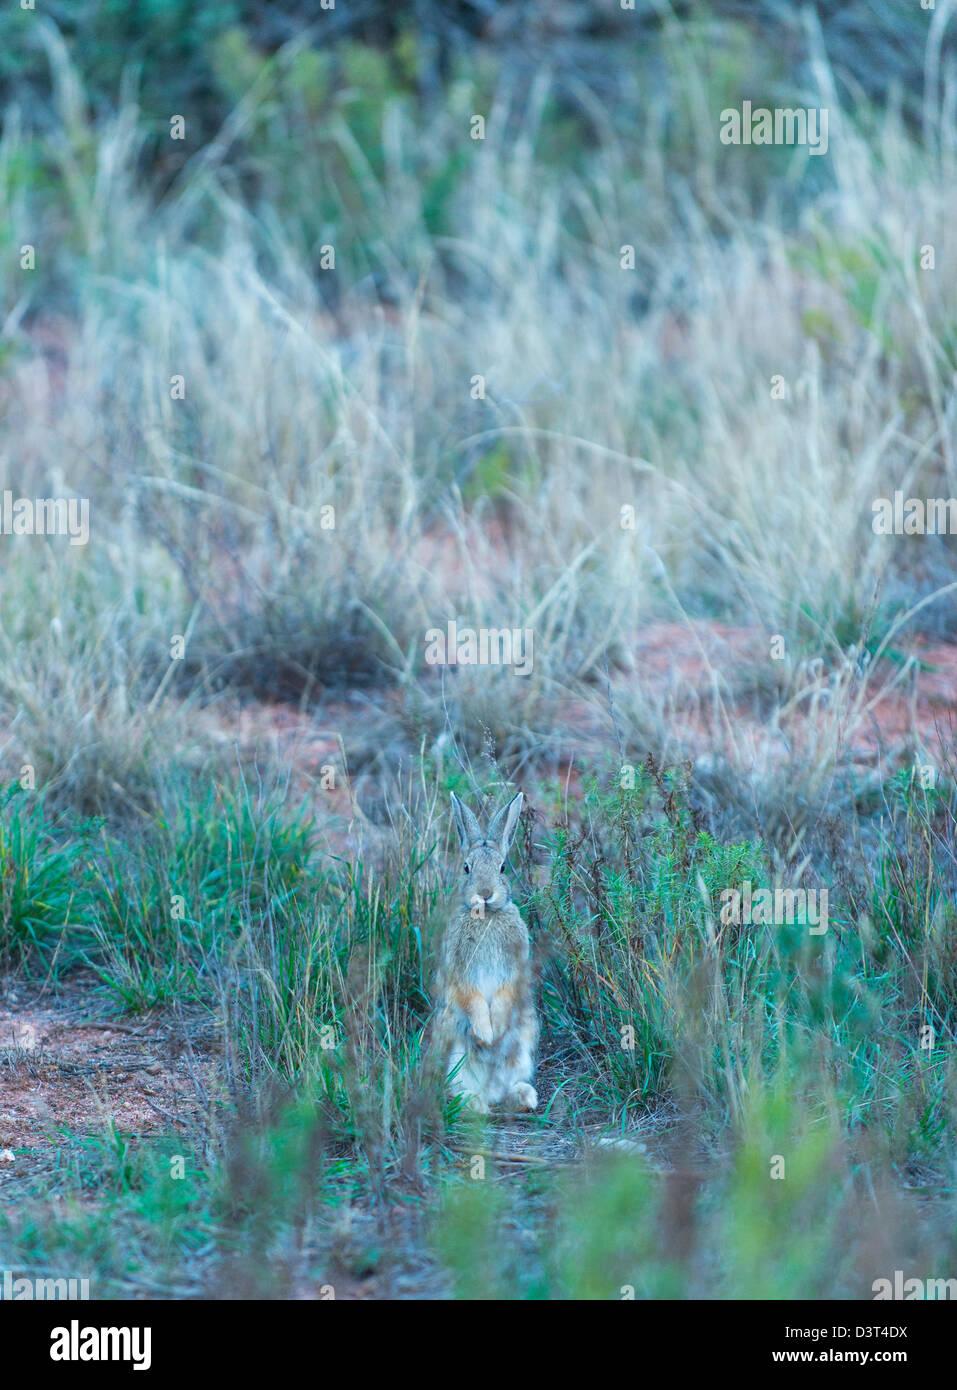 Rabbit in Garden of the Gods, Colorado, USA - Stock Image